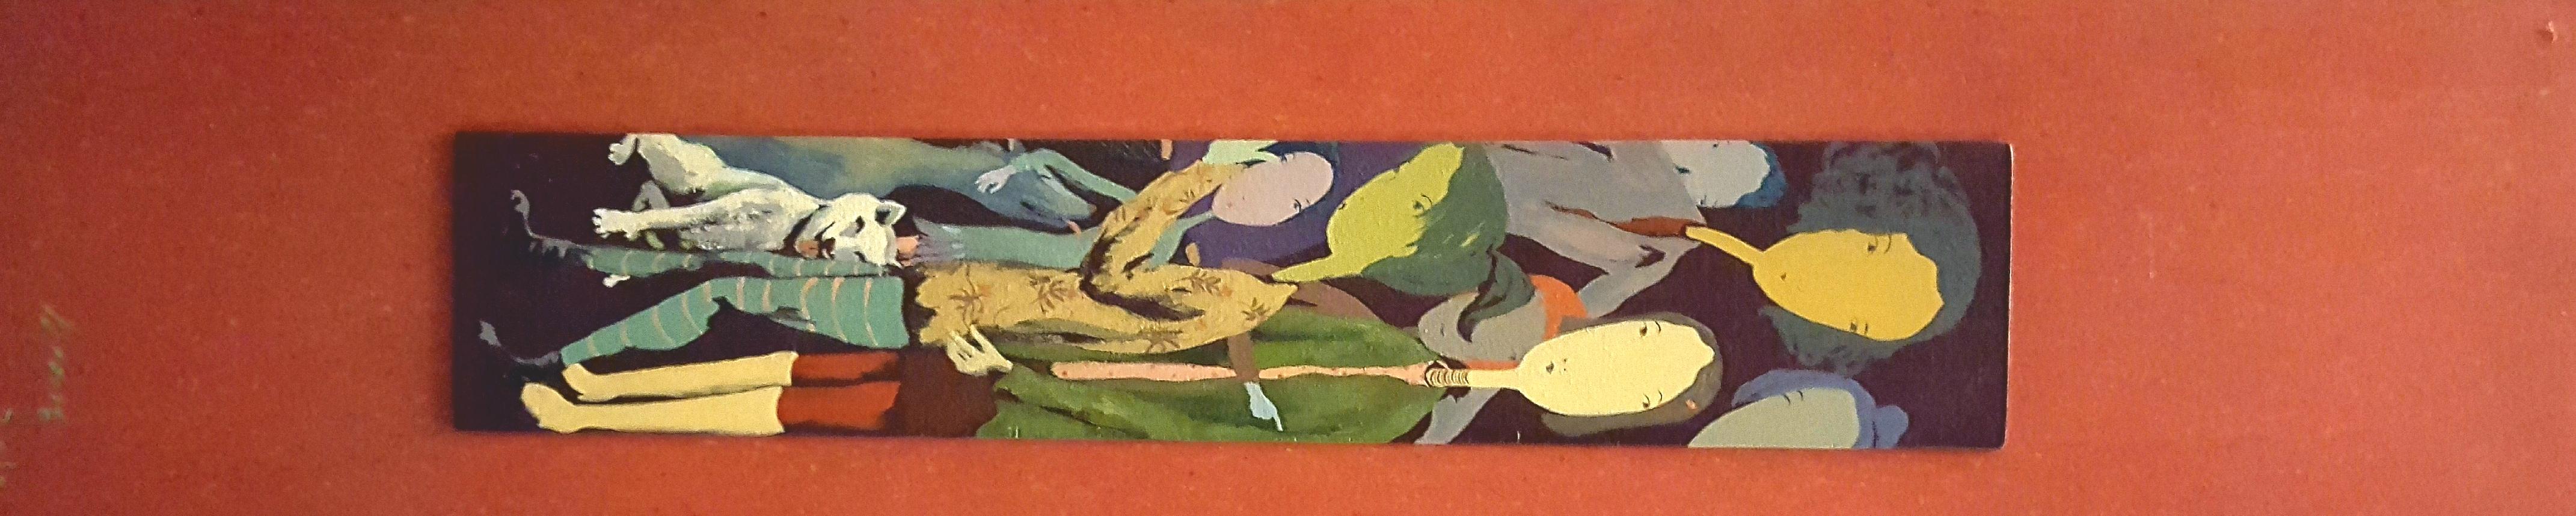 군상, 19.5x88.2cm, 목판에 아크릴, 2010